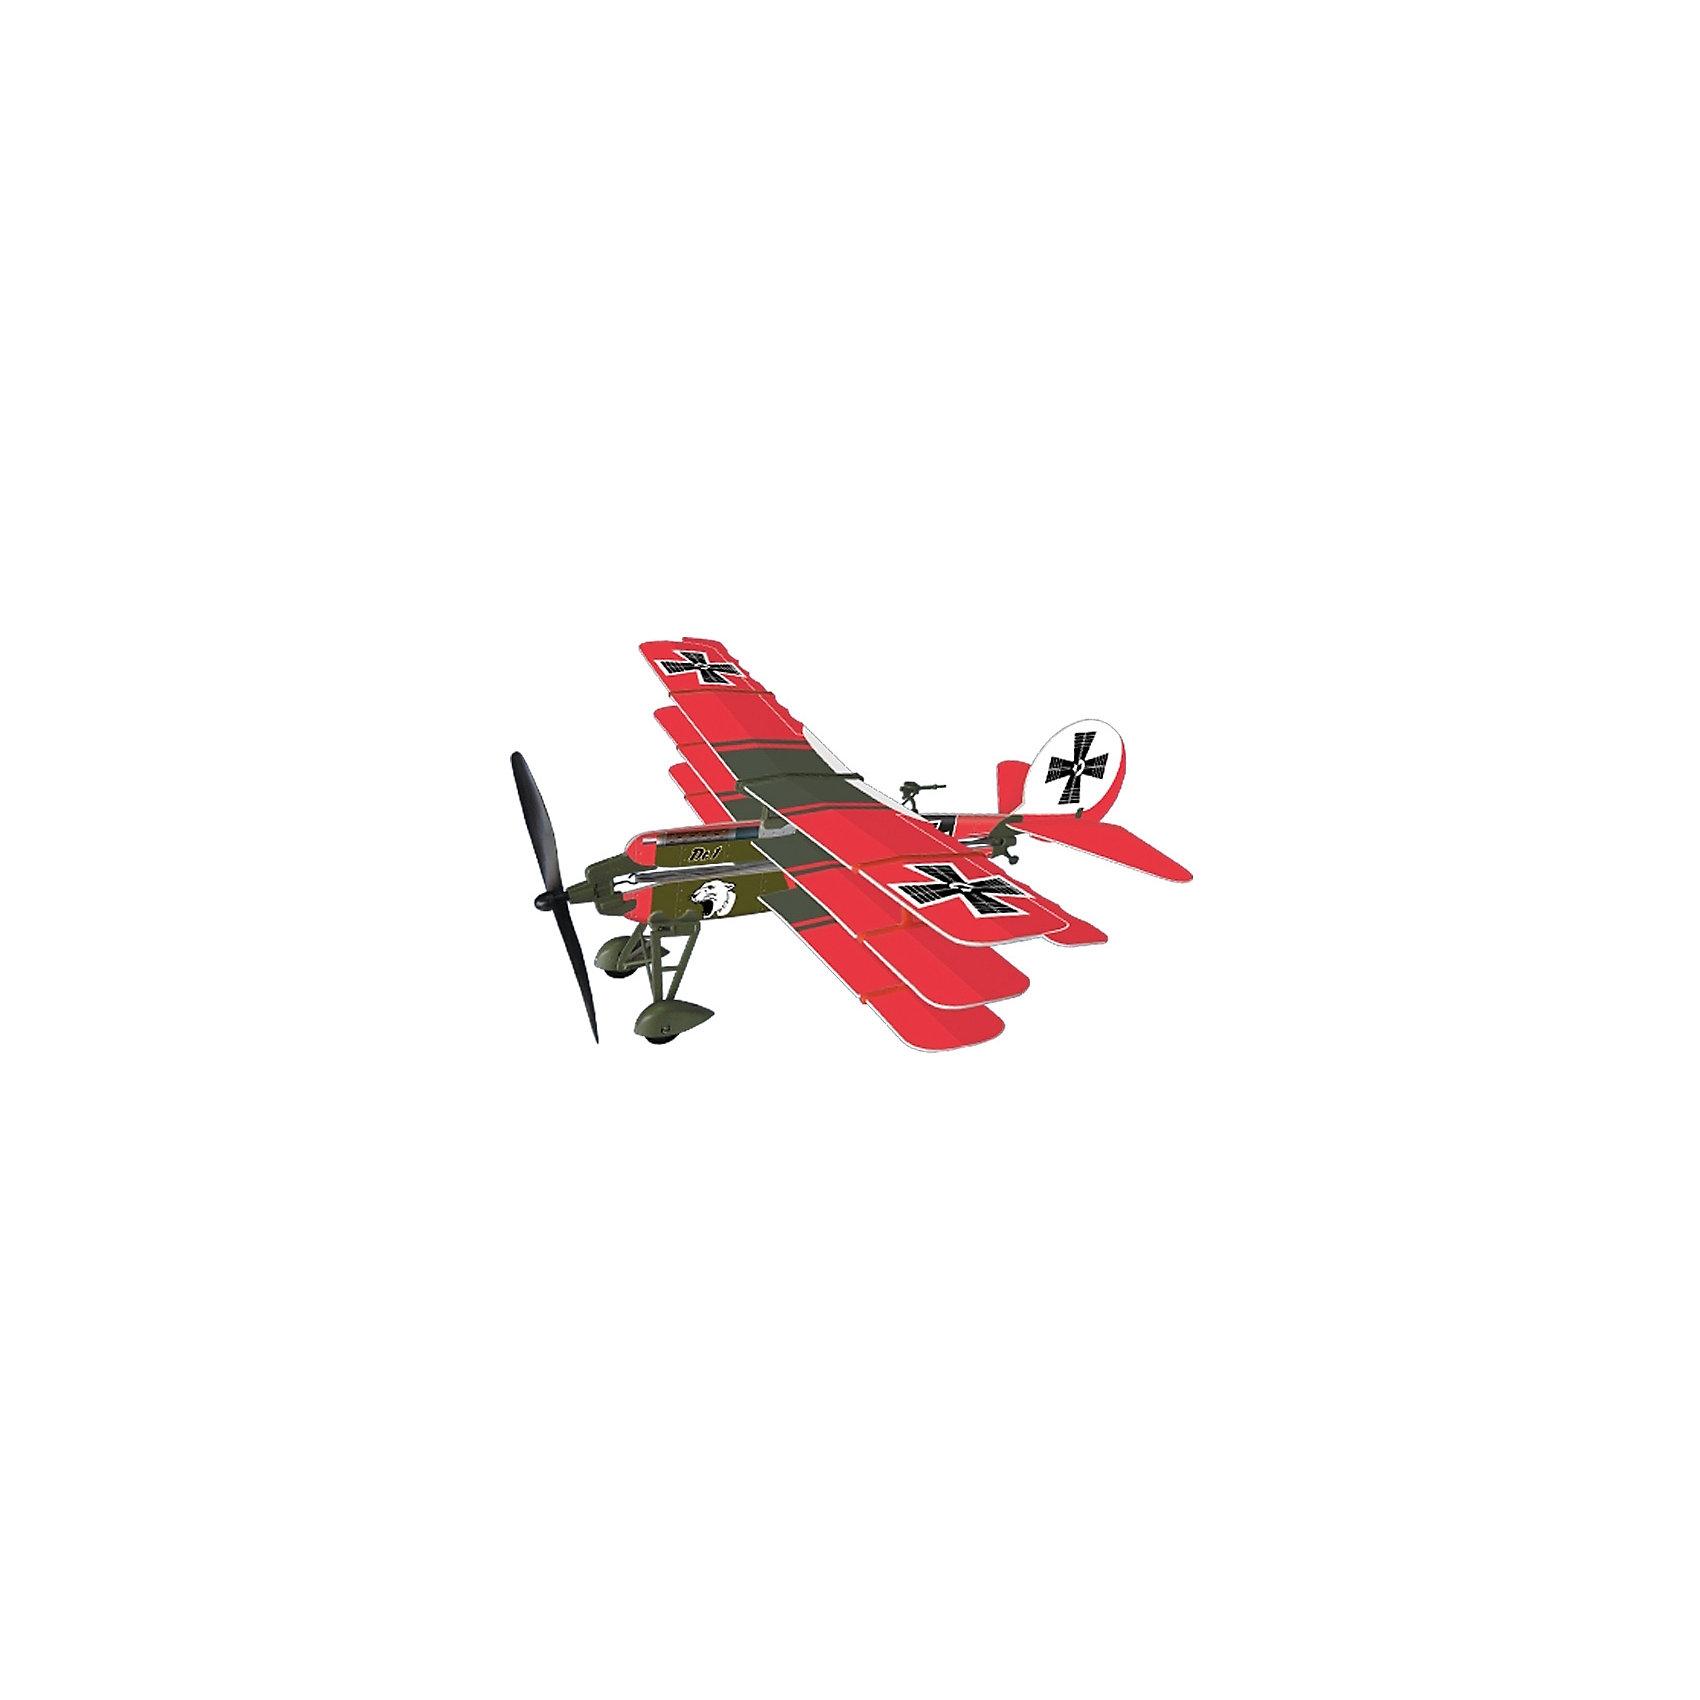 Самолет с резиномотором History Plane Dr.1 Airplane, LYONAEECЛюбой мальчишка придет в восторг от самолета History Plane Dr.1 Airplane от LYONAEEC! Легкую и изящную модель самолета катапультного типа удобно носить с собой. С его помощью можно сделать прогулки еще более увлекательными. Набор позволяет собрать реалистичную модель самолета и запустить его в воздух. Для этого не требуется клея или специальных инструментов. Запустить его можно ручным броском или специальной скруткой пропеллера. Самолет летит очень далеко и красиво планирует. С History Plane Dr.1 Airplane интересно играть даже компанией! Ведь самолет в зависимости от угла запуска и скорости может лететь далеко, а затем самостоятельно приземляться. Решайте, кто лучший пилот и оттачивайте навыки пилотирования с History Plane Dr.1 Airplane. Мальчишкам очень понравится играть с самолетом, который они соберут сами, используя несложную инструкцию.<br><br>Дополнительная информация:<br><br>- В комплекте: детали самолета, инструкция;<br>- Материал: пластик;<br>- Яркое оформление;<br>- Длина самолета: 41,2 см;<br>- Размах крыльев: 43,7 см;<br>- Размер упаковки: 42,5 х 17,5 х 35 см;<br>- Вес: 73 г<br><br>Самолет с резиномотором History Plane Dr.1 Airplane, LYONAEEC  можно купить в нашем интернет-магазине.<br><br>Ширина мм: 425<br>Глубина мм: 175<br>Высота мм: 350<br>Вес г: 73<br>Возраст от месяцев: 96<br>Возраст до месяцев: 168<br>Пол: Мужской<br>Возраст: Детский<br>SKU: 4094275